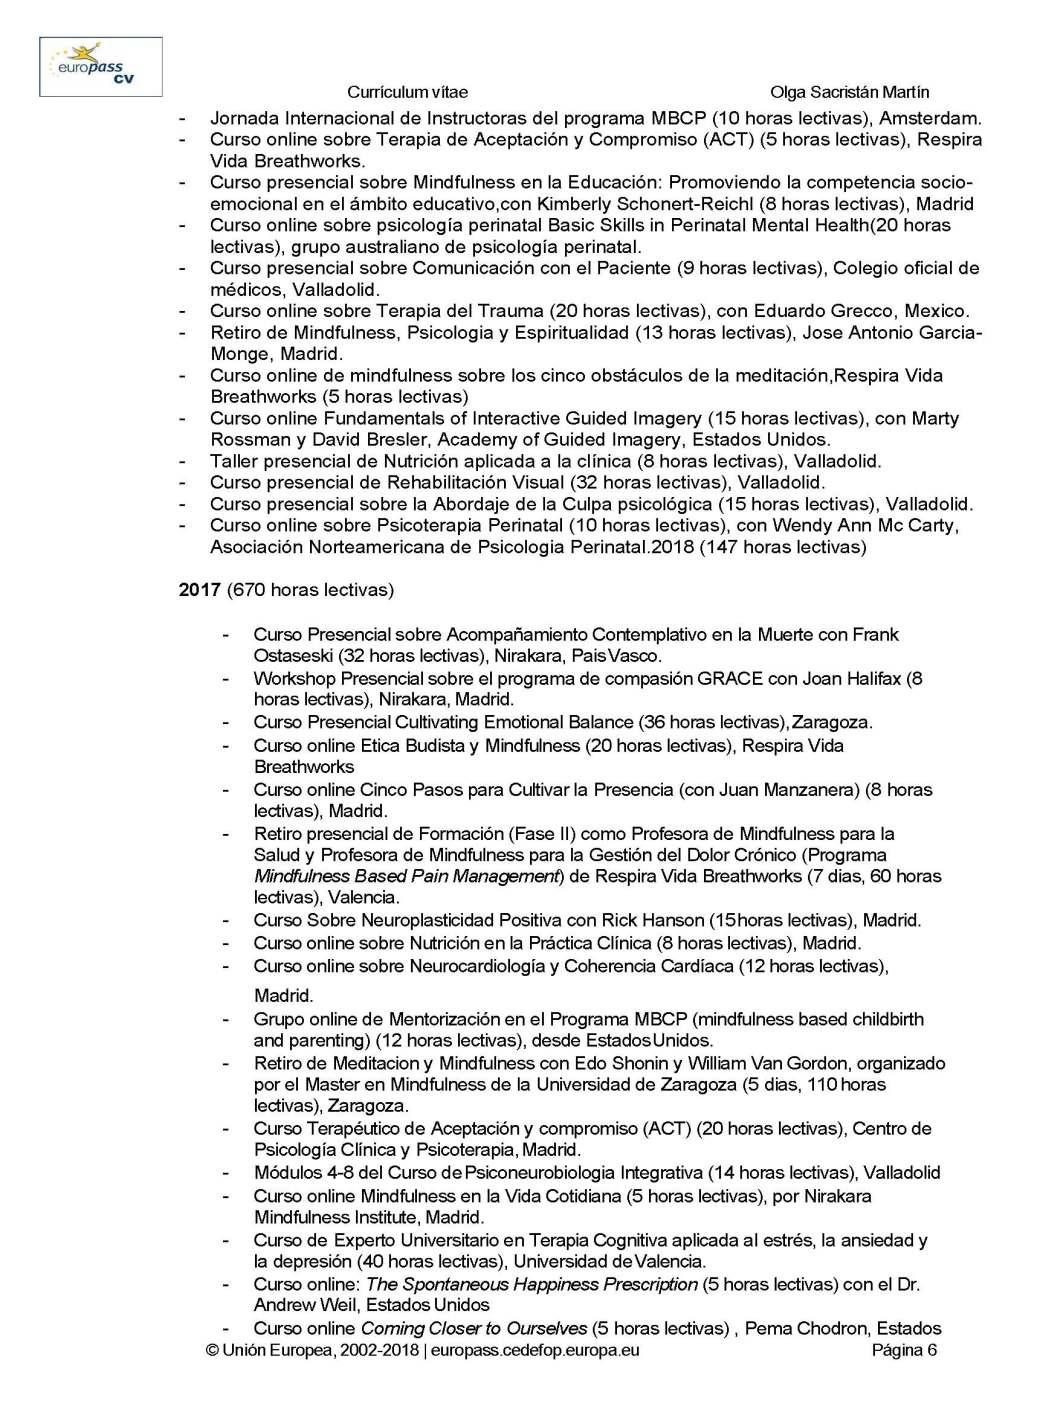 CURRICULUM EUROPASS DRA. OLGA SACRISTAN 2020_Página_06